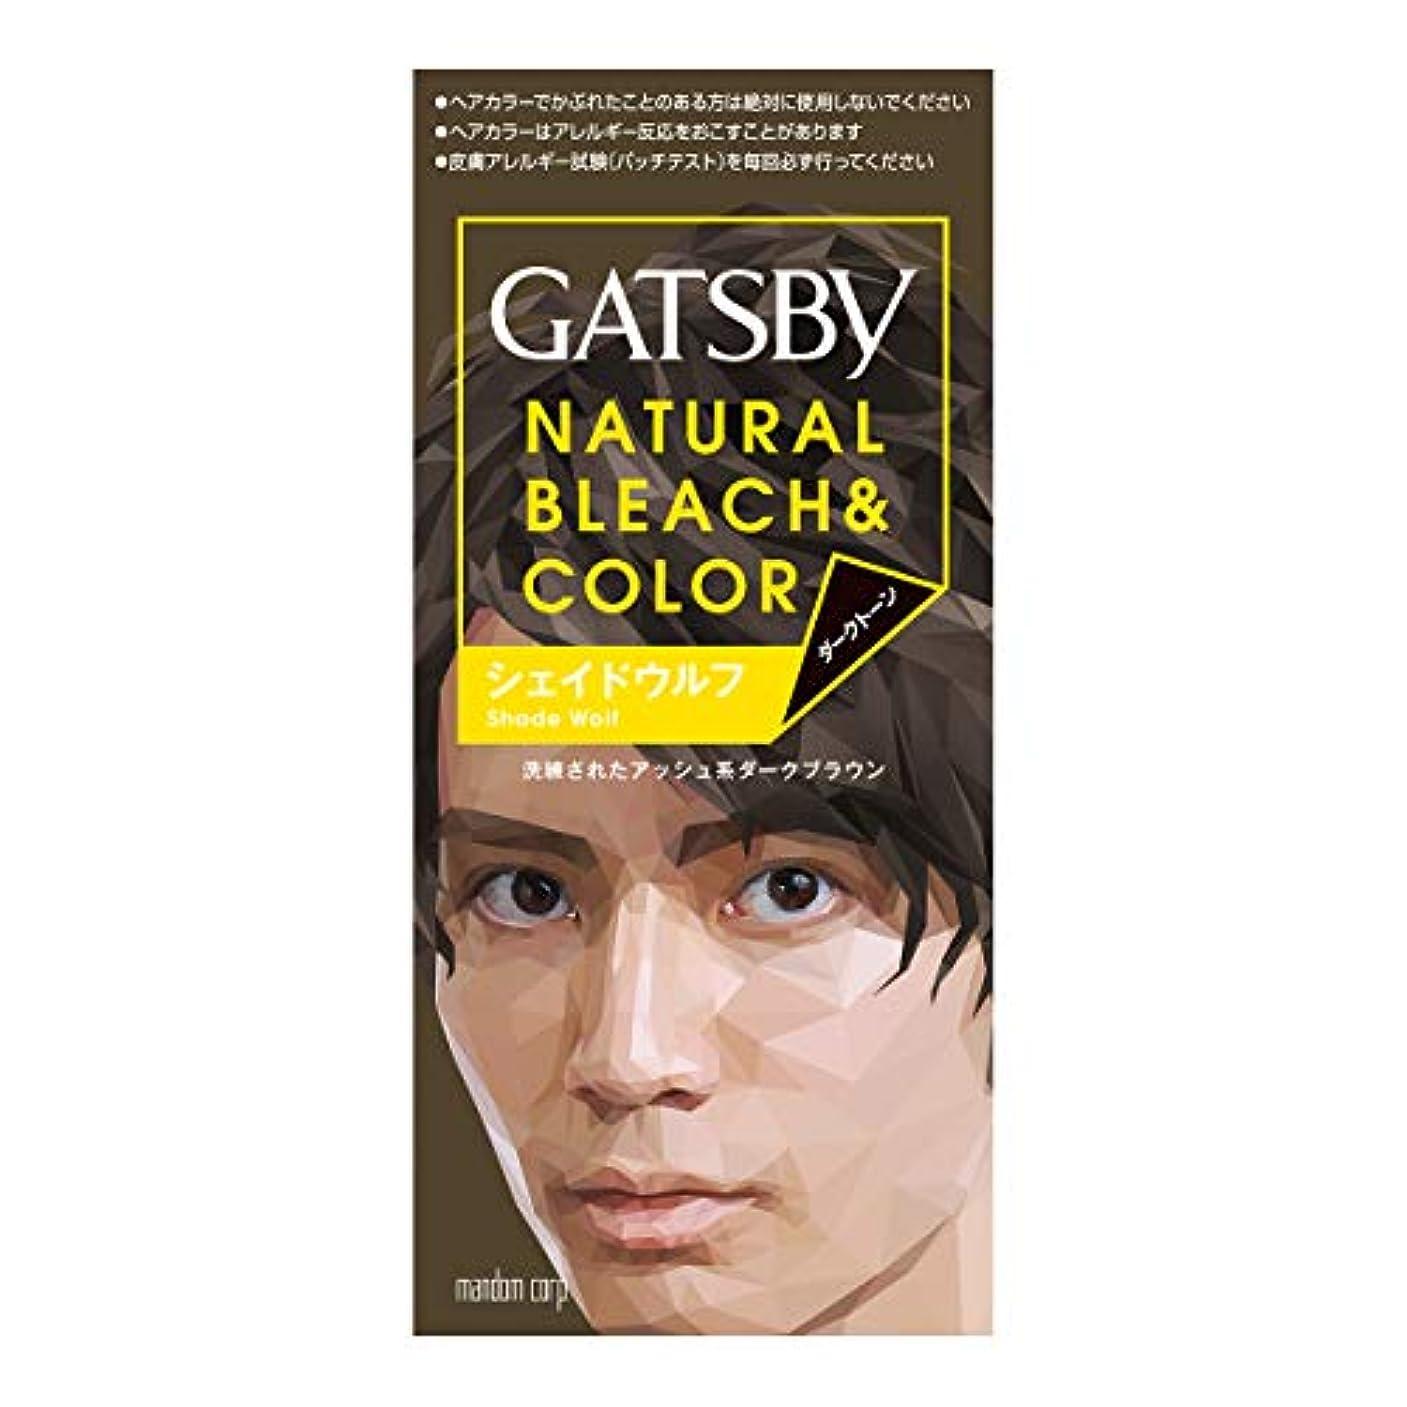 バッグステッチ教養があるGATSBY(ギャツビー) ナチュラルブリーチカラー シェイドウルフ 1剤35g 2剤70mL (医薬部外品)